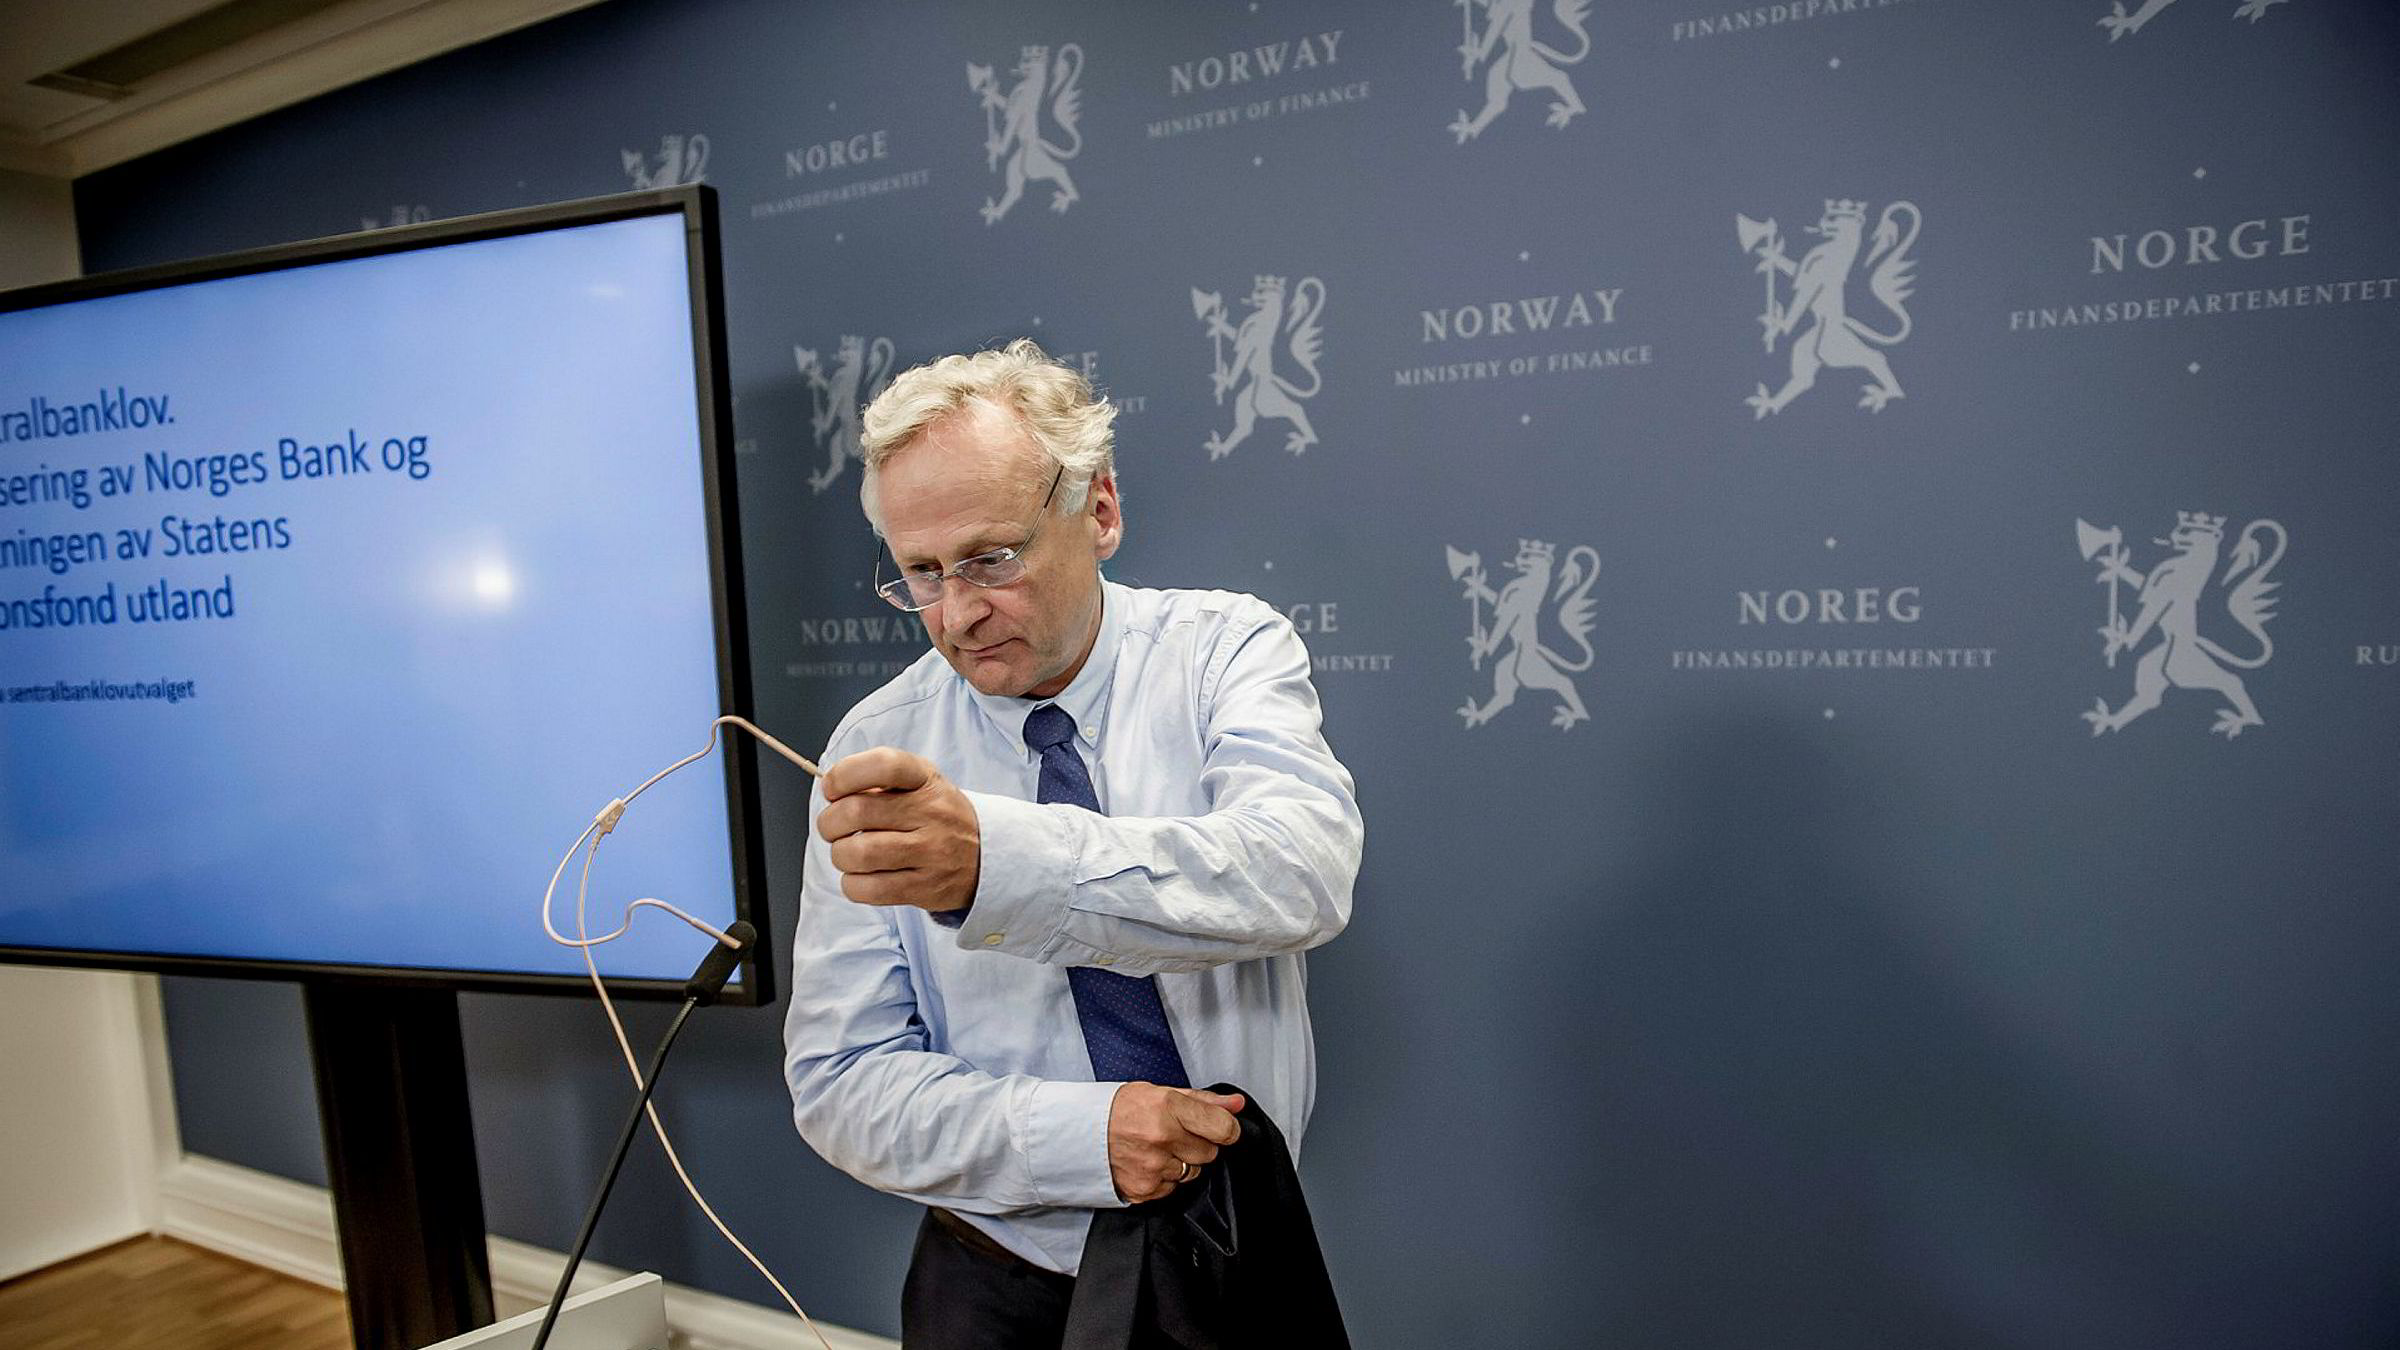 Et utvalg ledet av tidligere sentralbanksjef Svein Gjedrem la 23. juni frem en utredning der det anbefales å ta Oljefondet ut av Norges Bank. Bildet er fra overleveringen av utredningen.